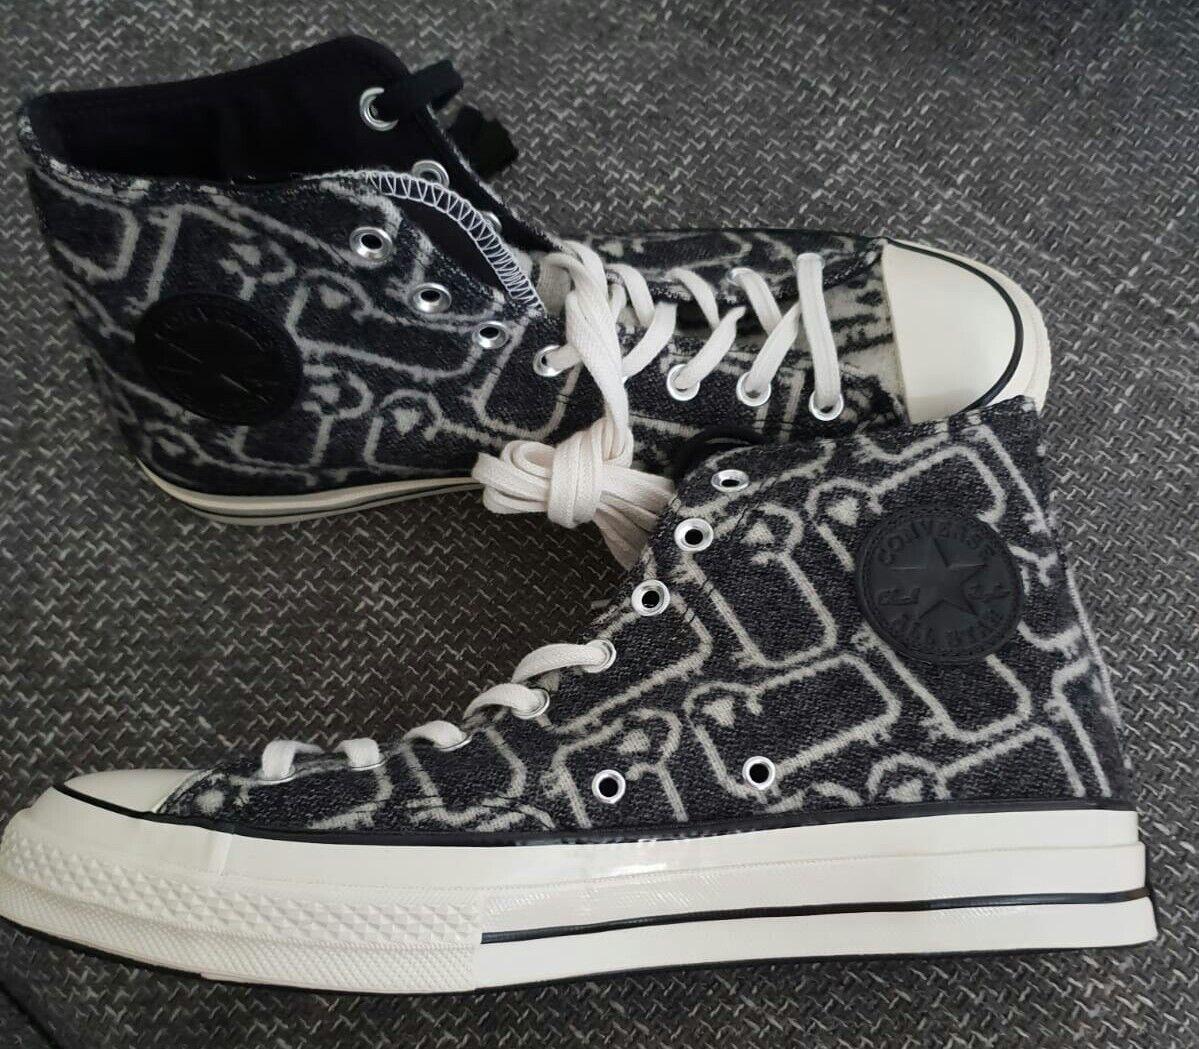 Converse Chucks allstars black Edition sheep Matrix style collectors Edition black 44 10 12 d6f70e